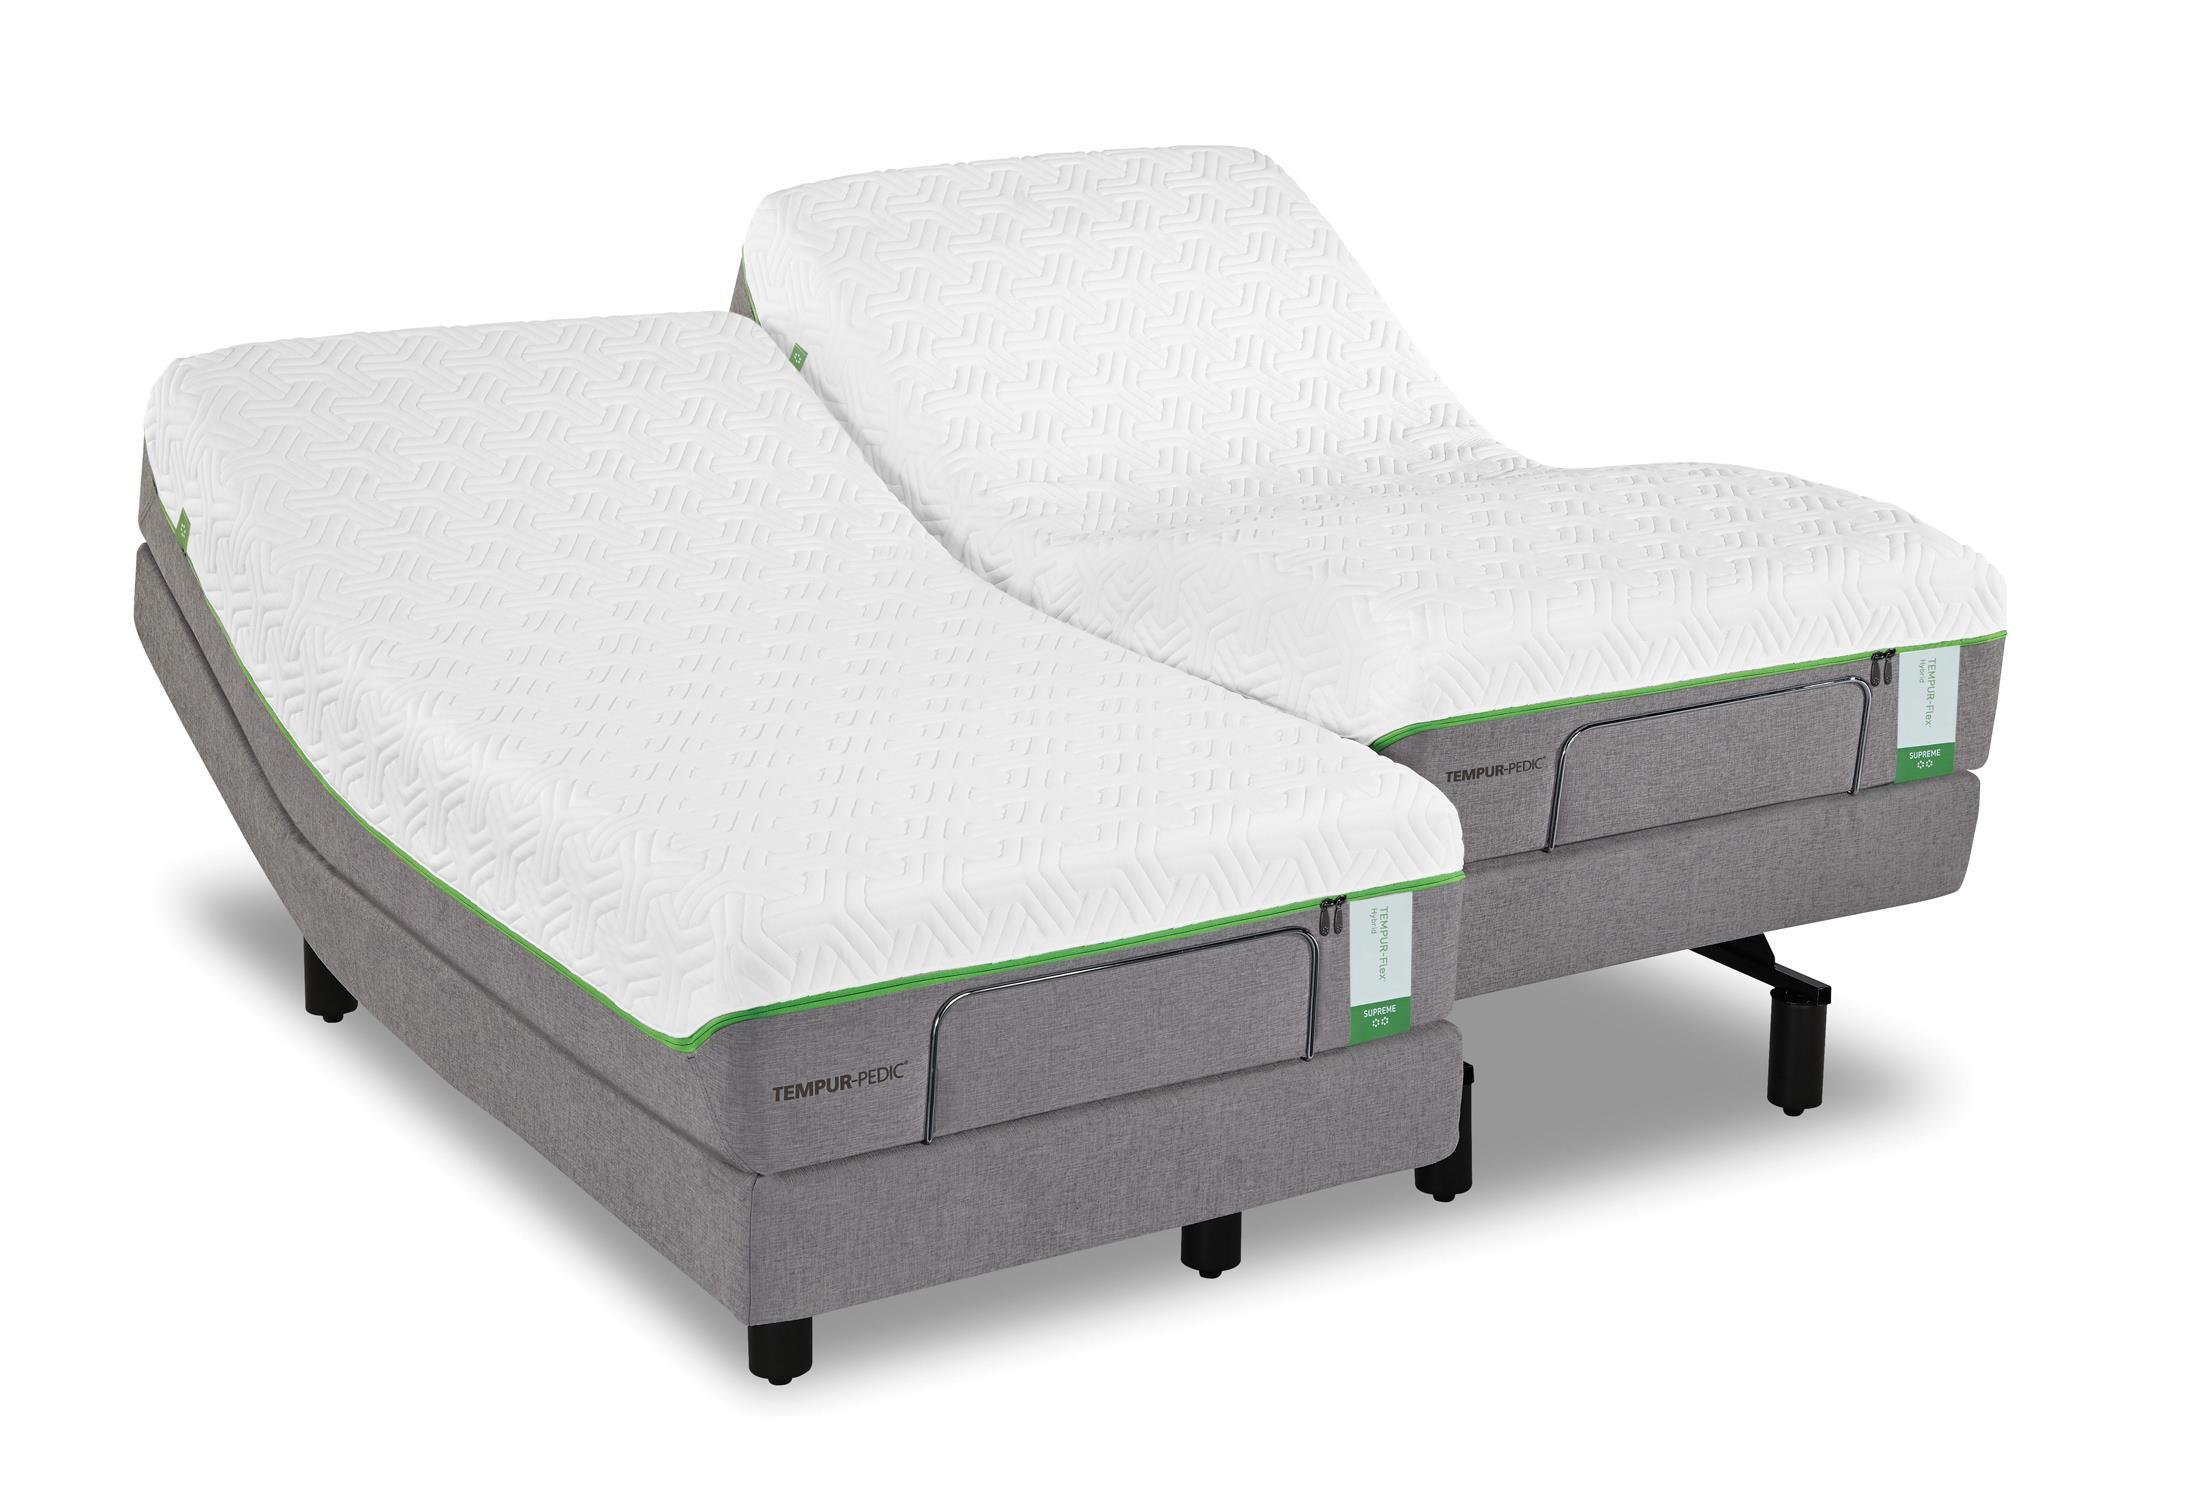 Tempur-Pedic® TEMPUR-Flex Prima Queen Medium Firm Mattress Set - Item Number: 10115250+25289250